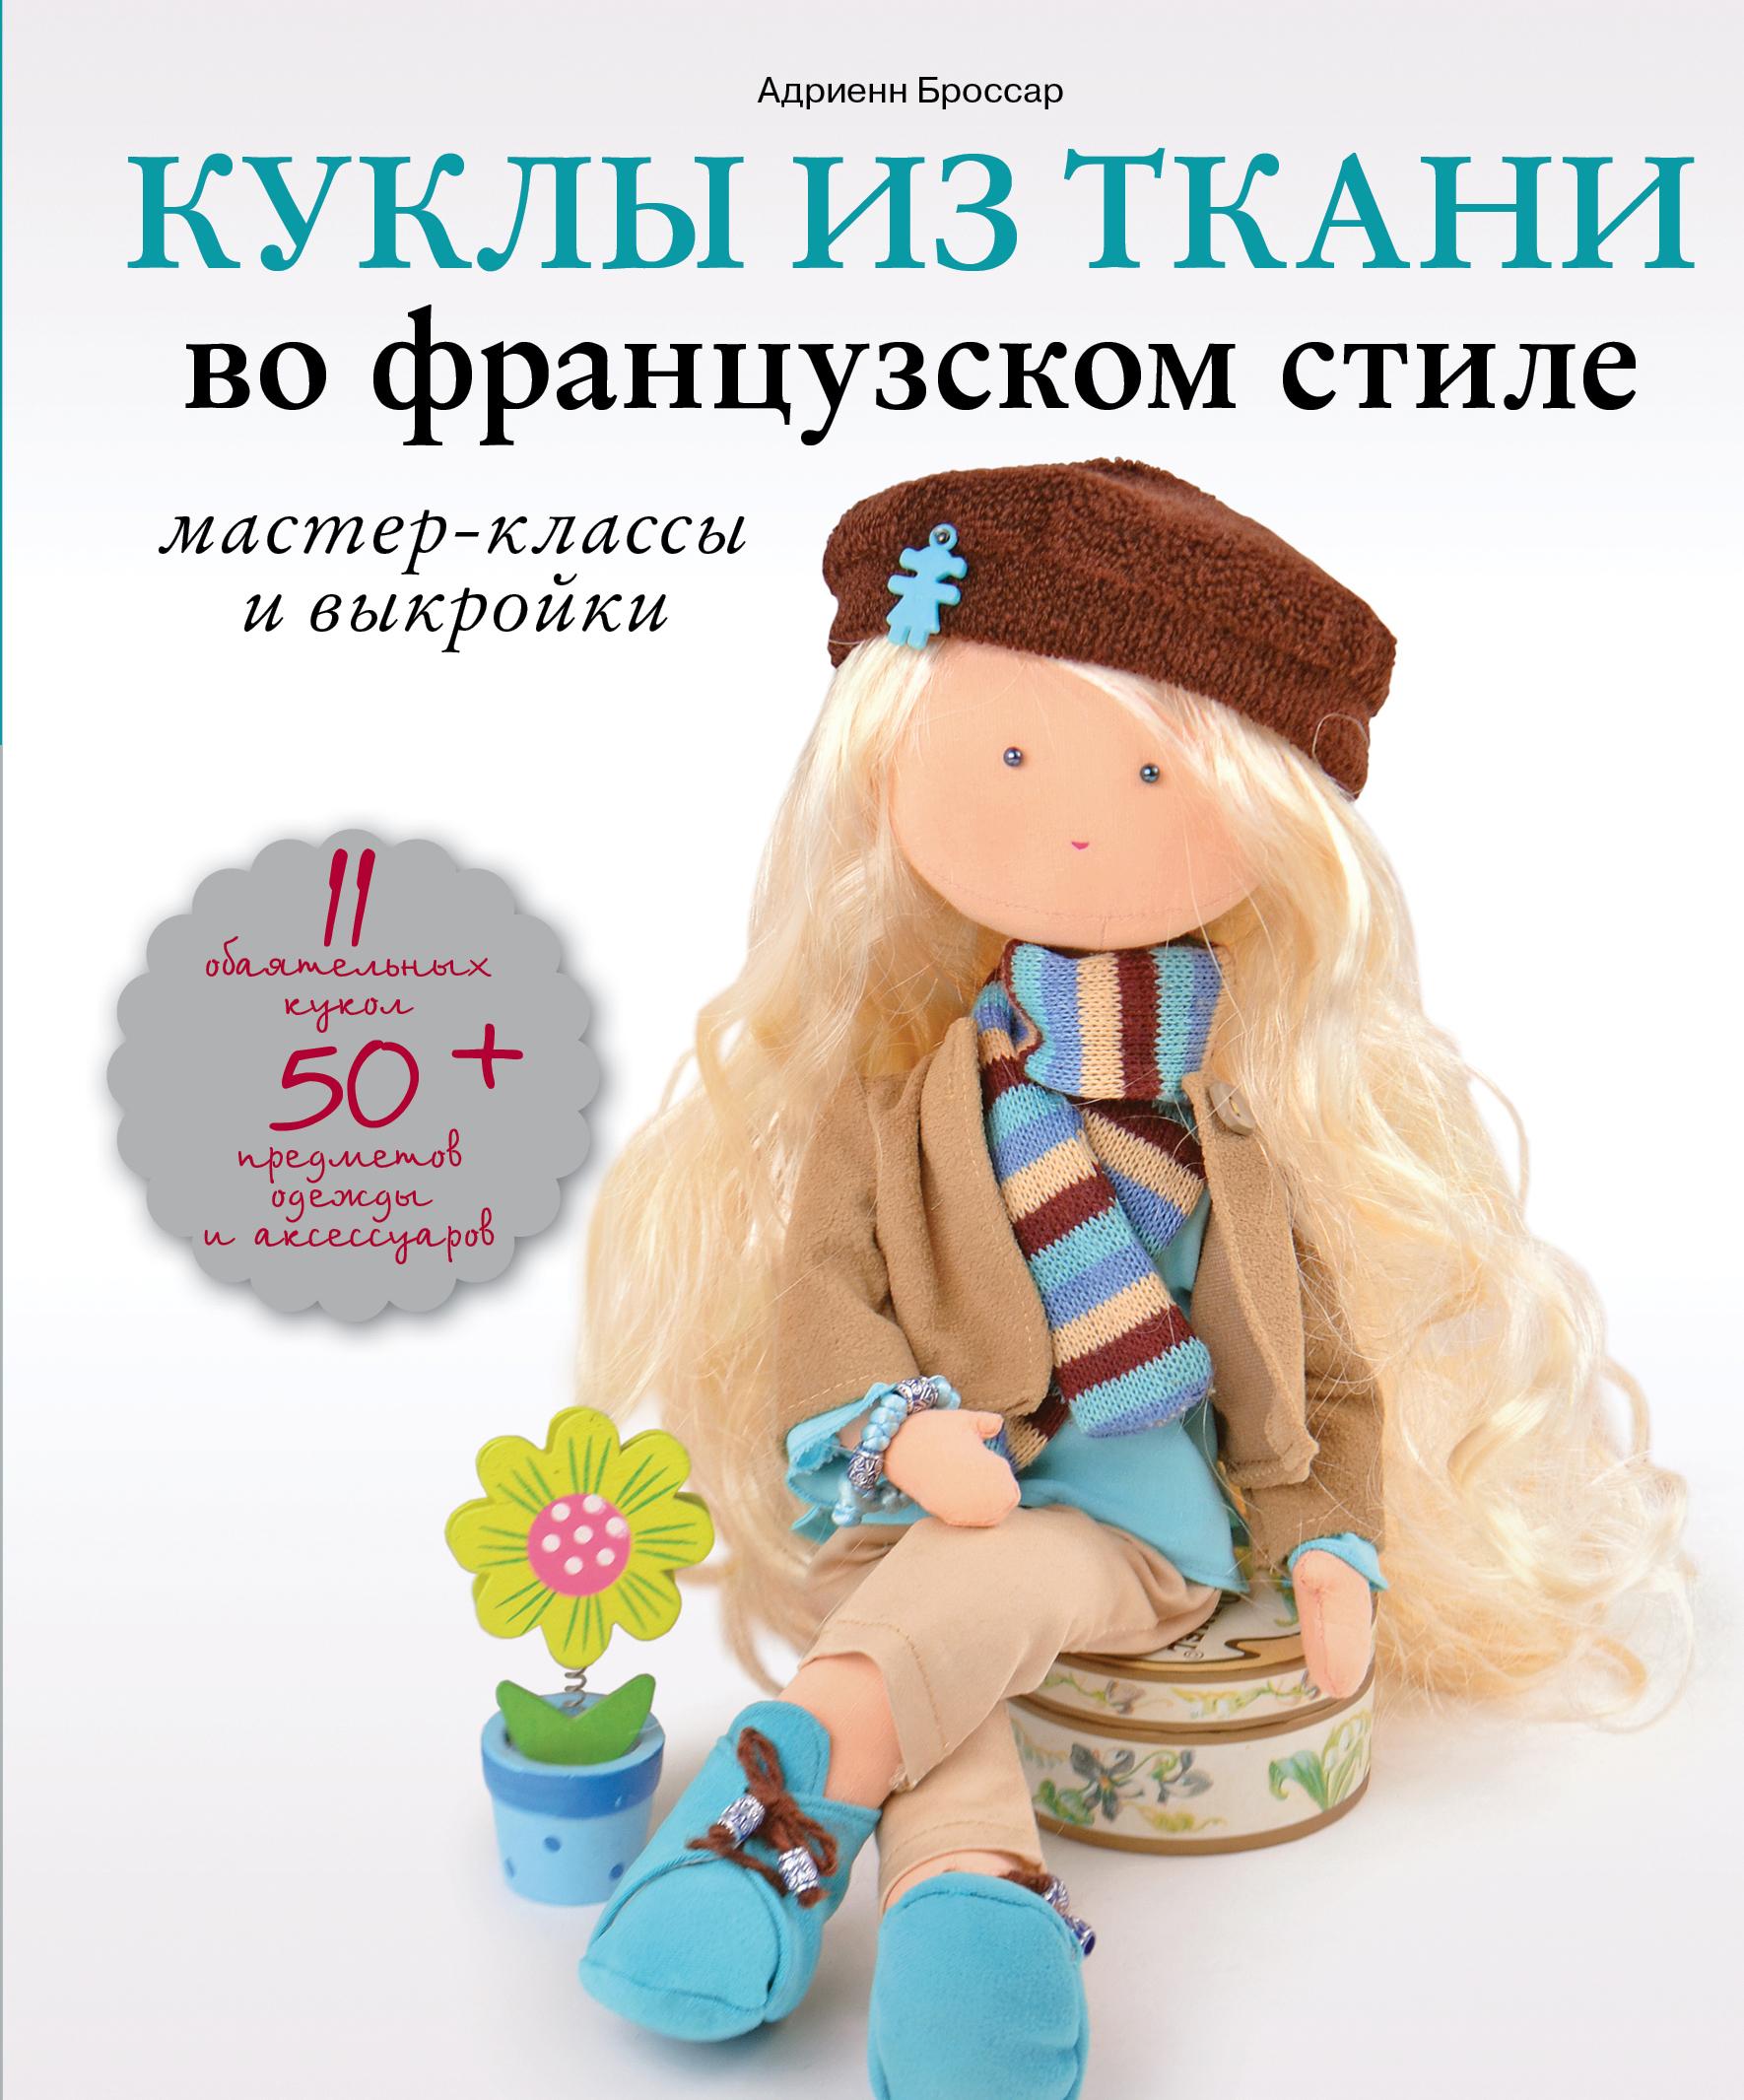 Выкройки кукол елены войнатовской